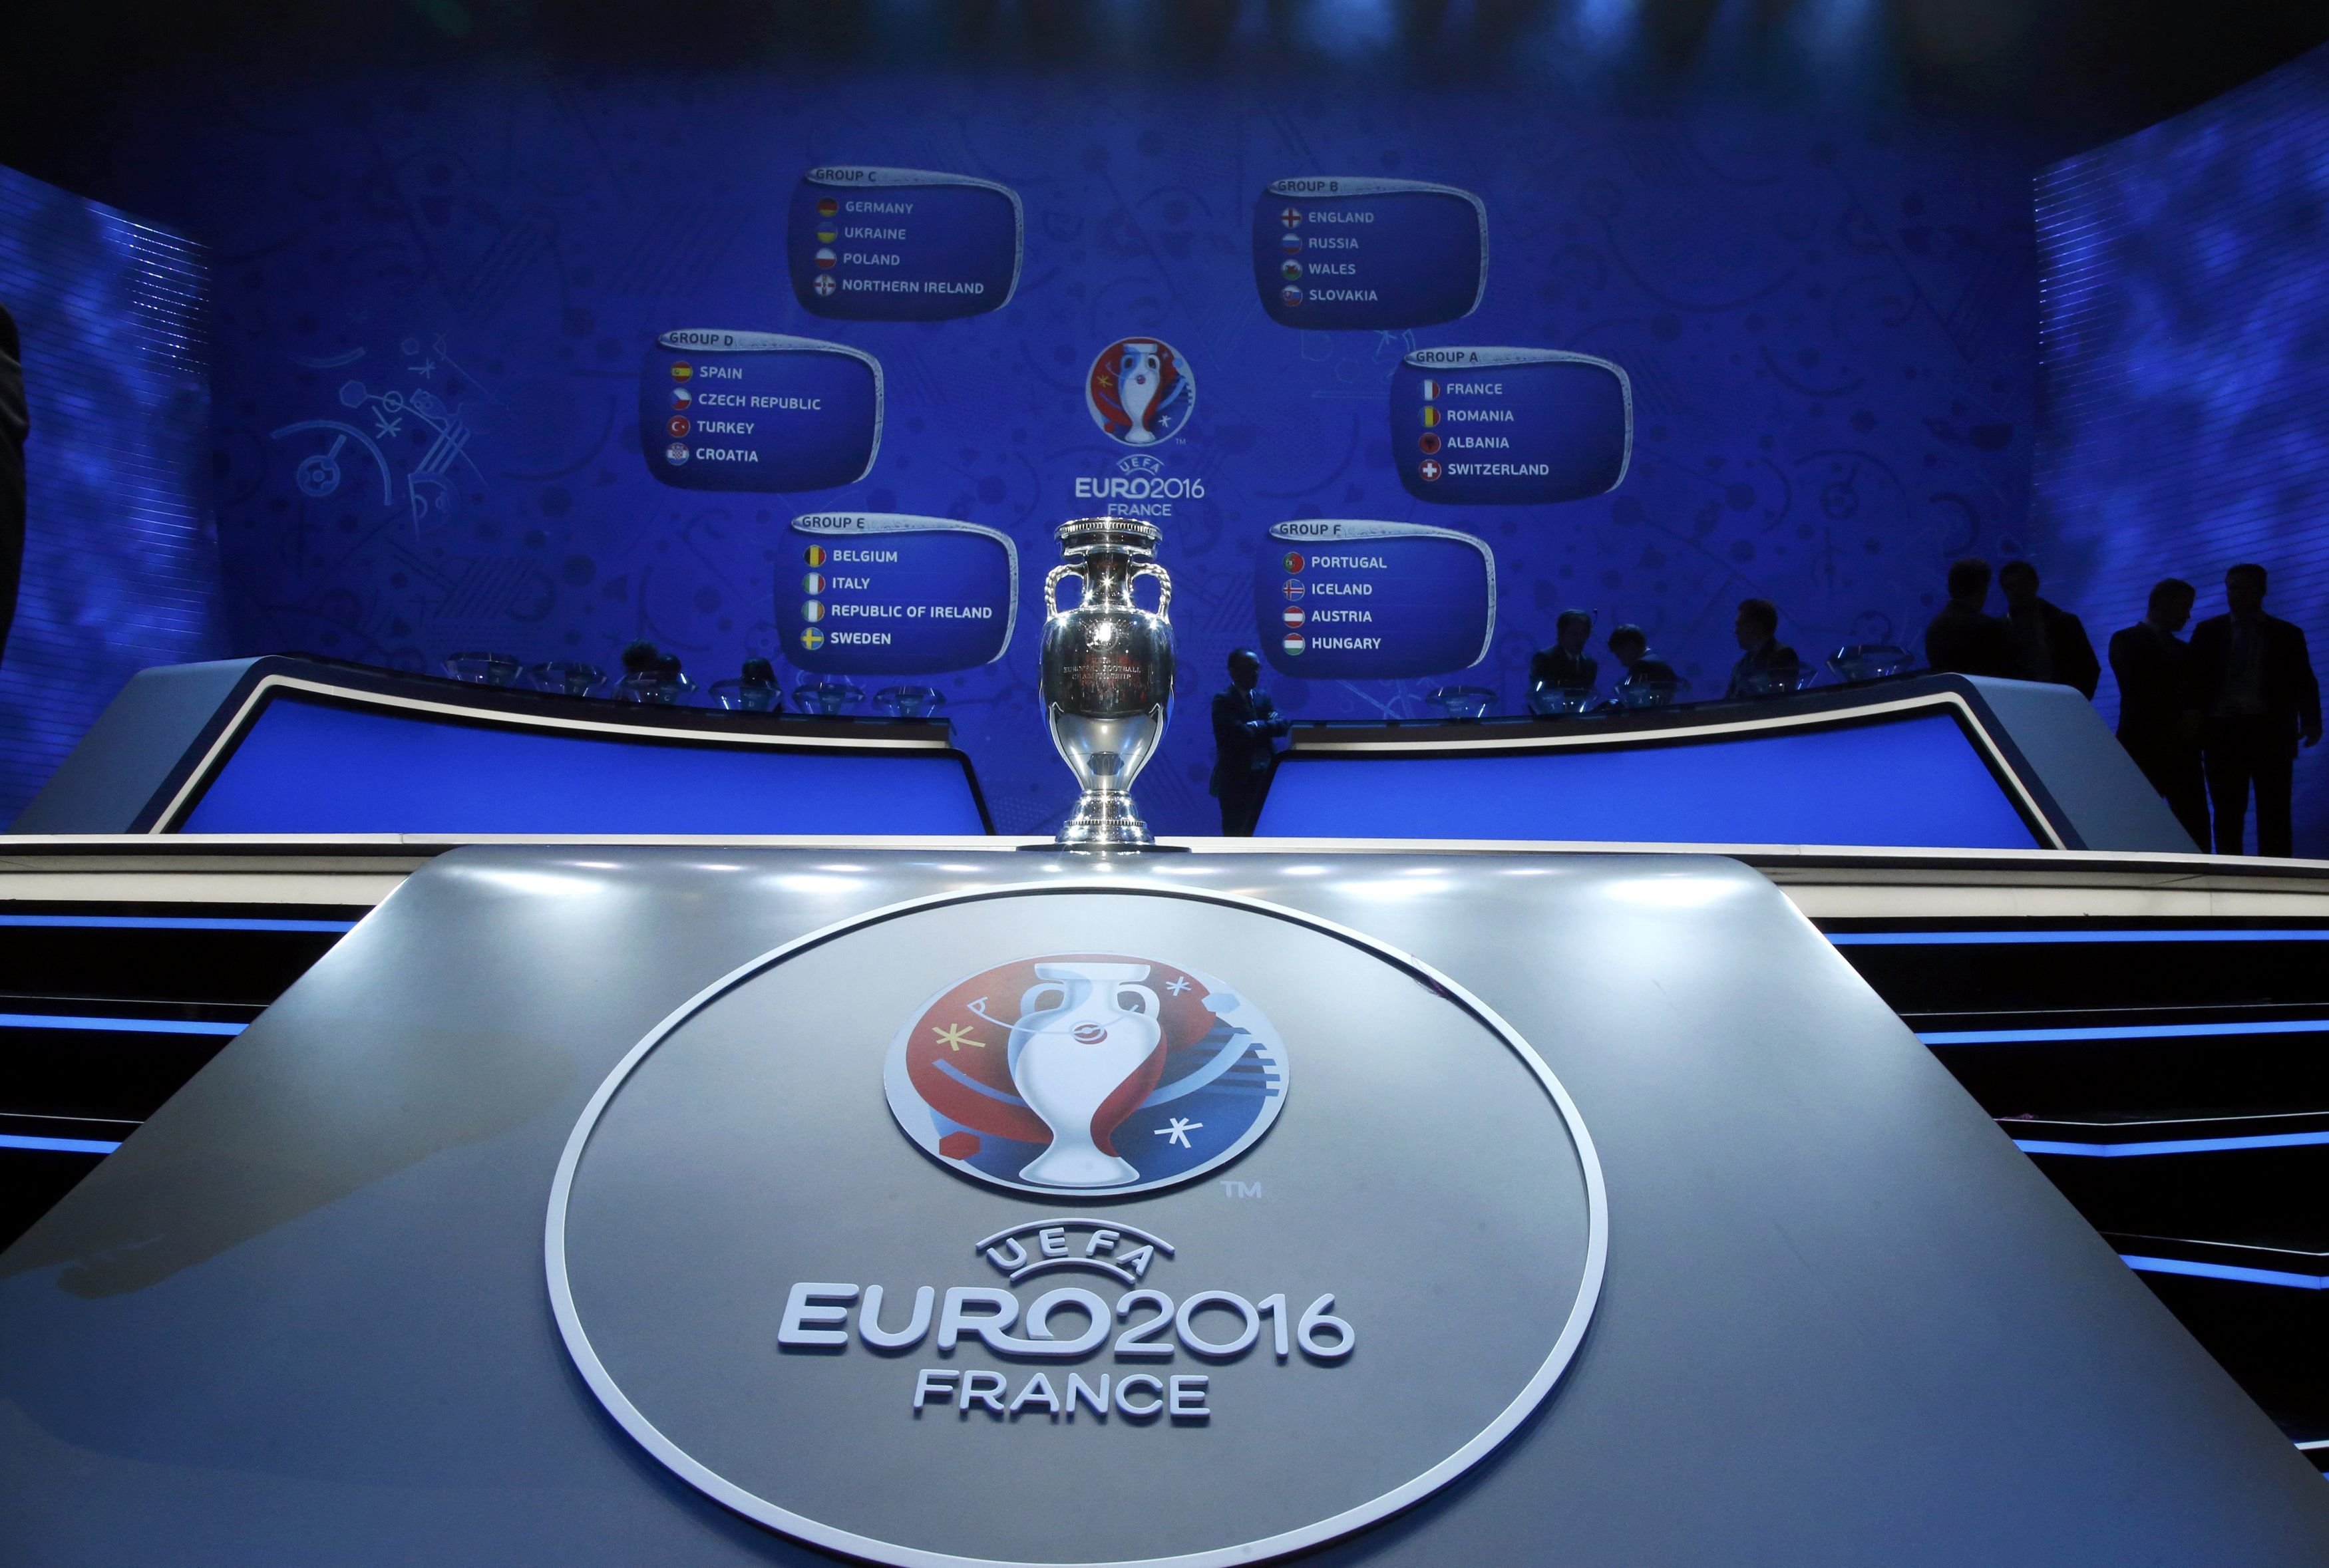 Евро-2016, иллюстрация